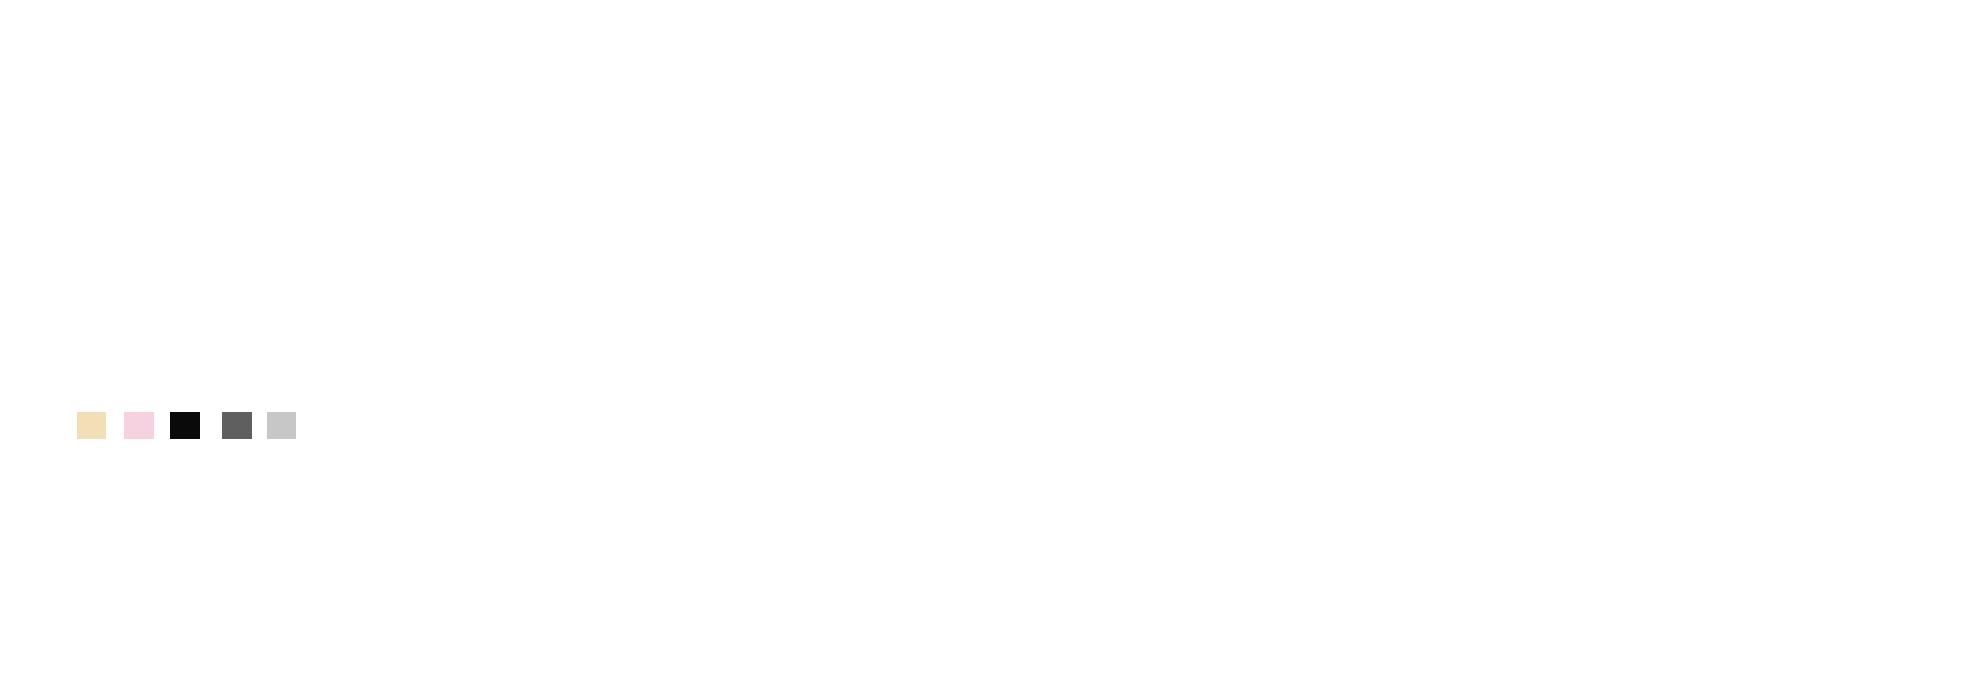 大图(11.101).png